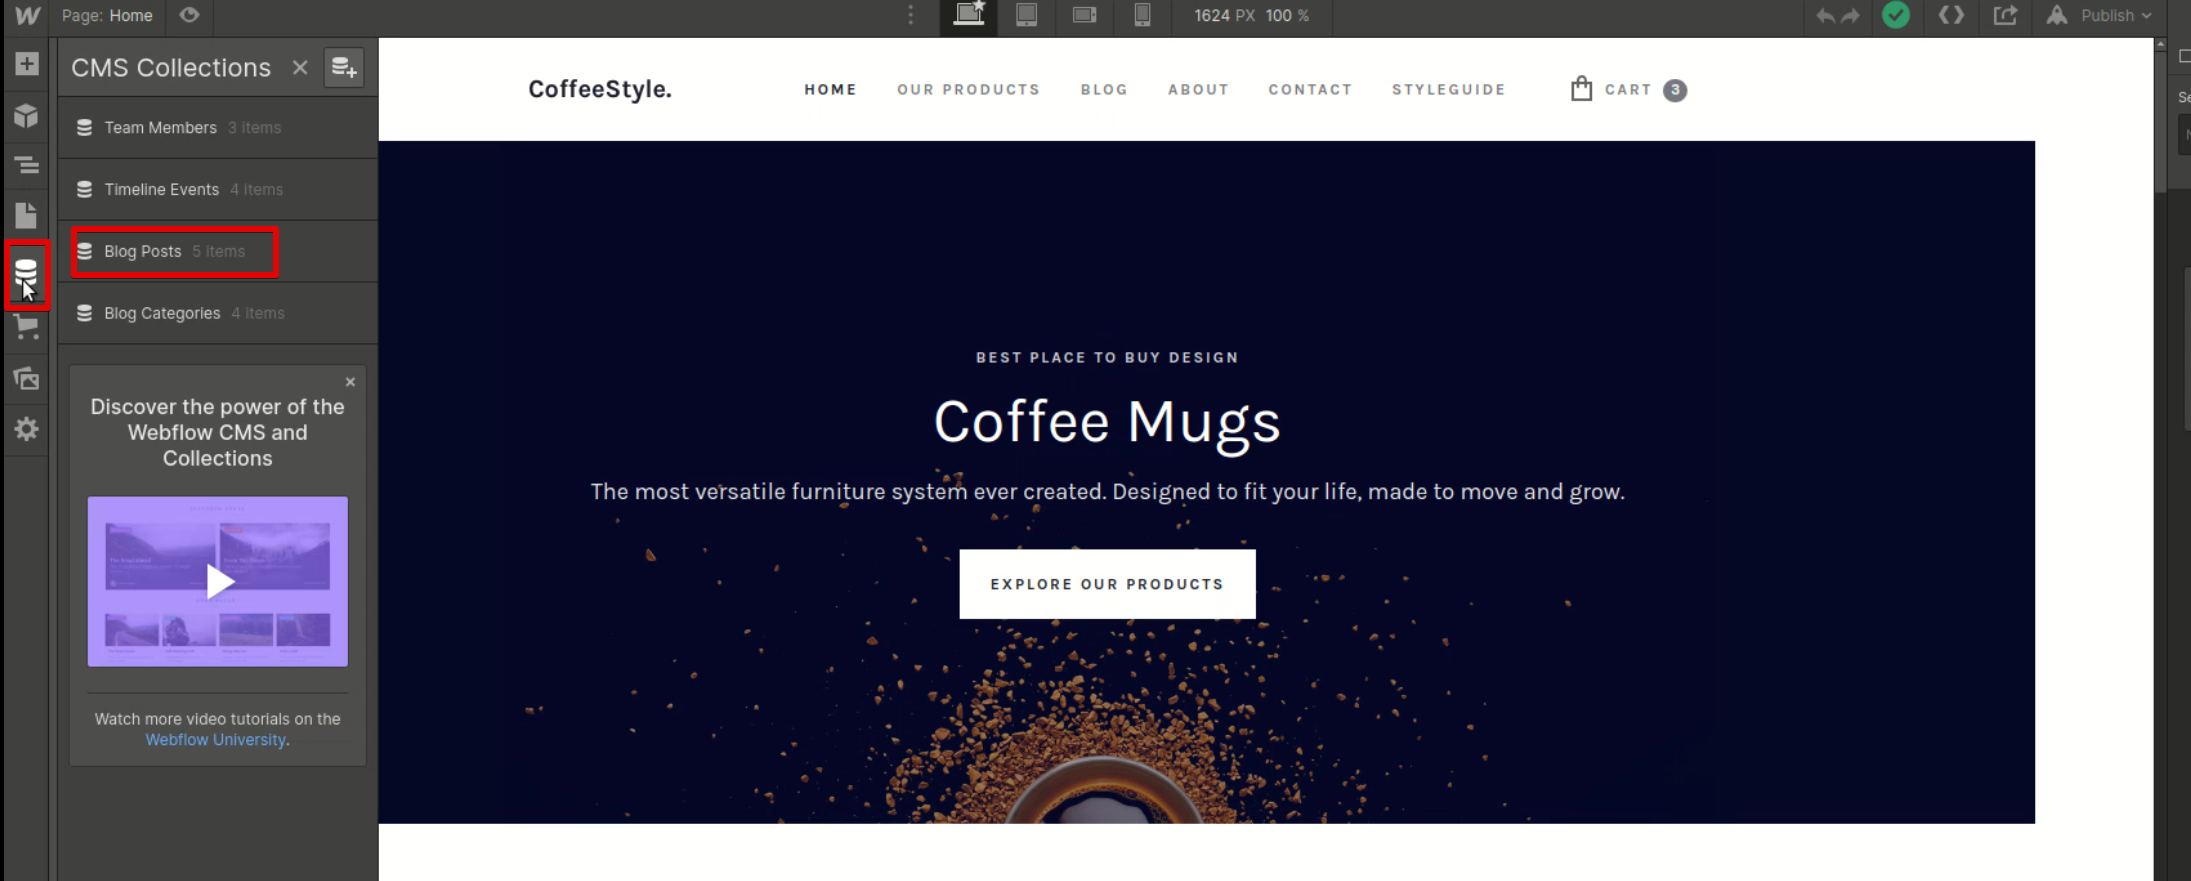 Migration of websites